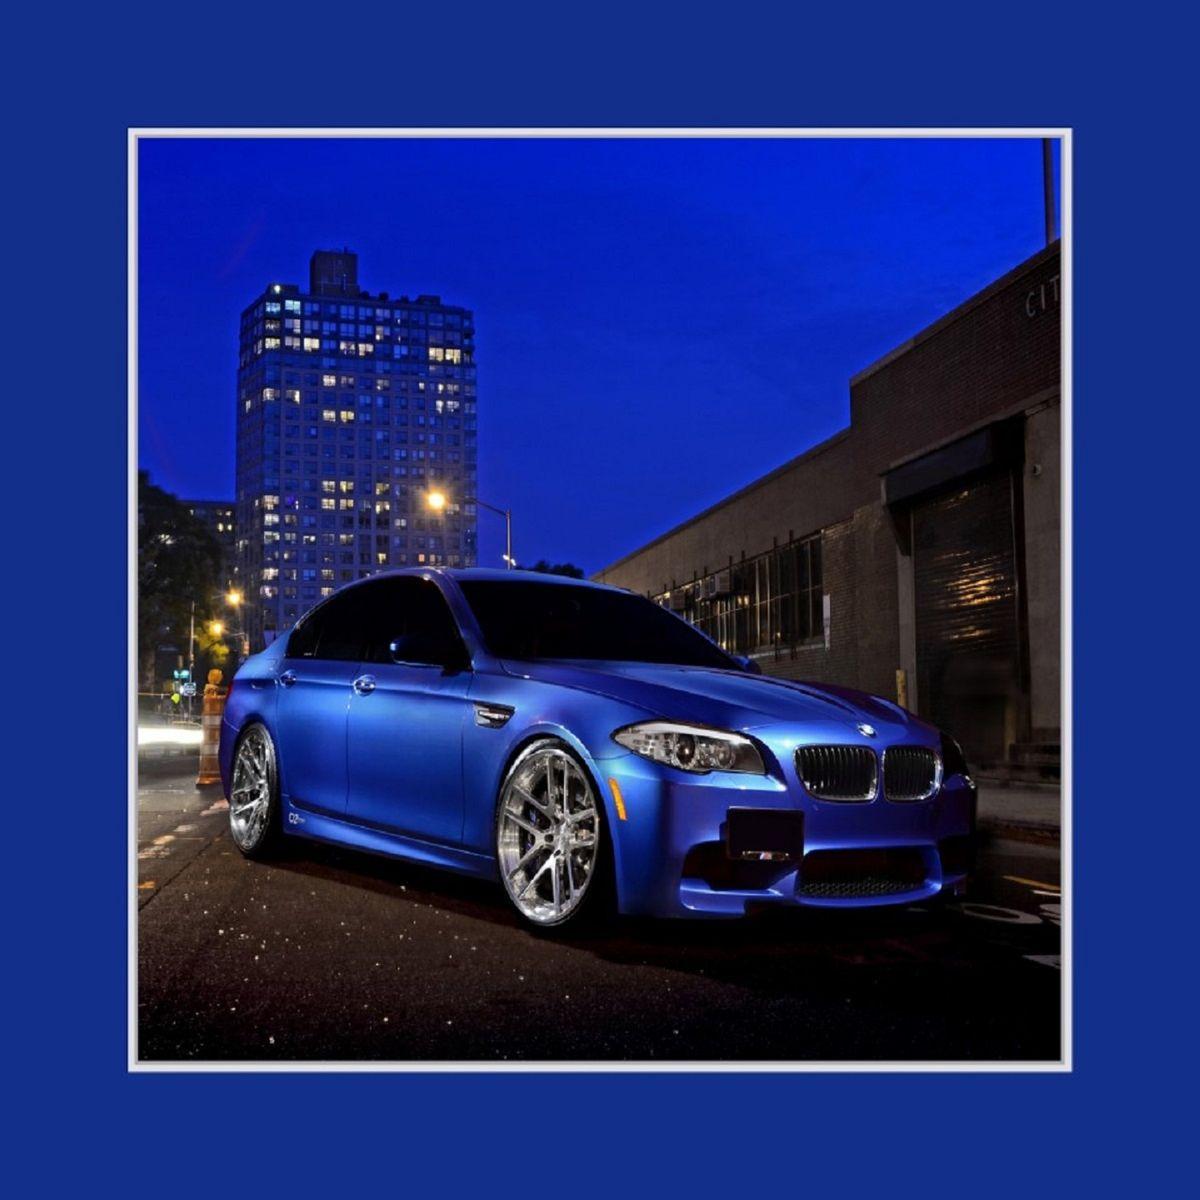 Наволочка декоративная Рапира BMW, 45 х 45 см. 29032903Декоративная наволочка на молнии. Оригинальный принт напечатан на двух сторонах наволочки, ткань искусственный шелк.